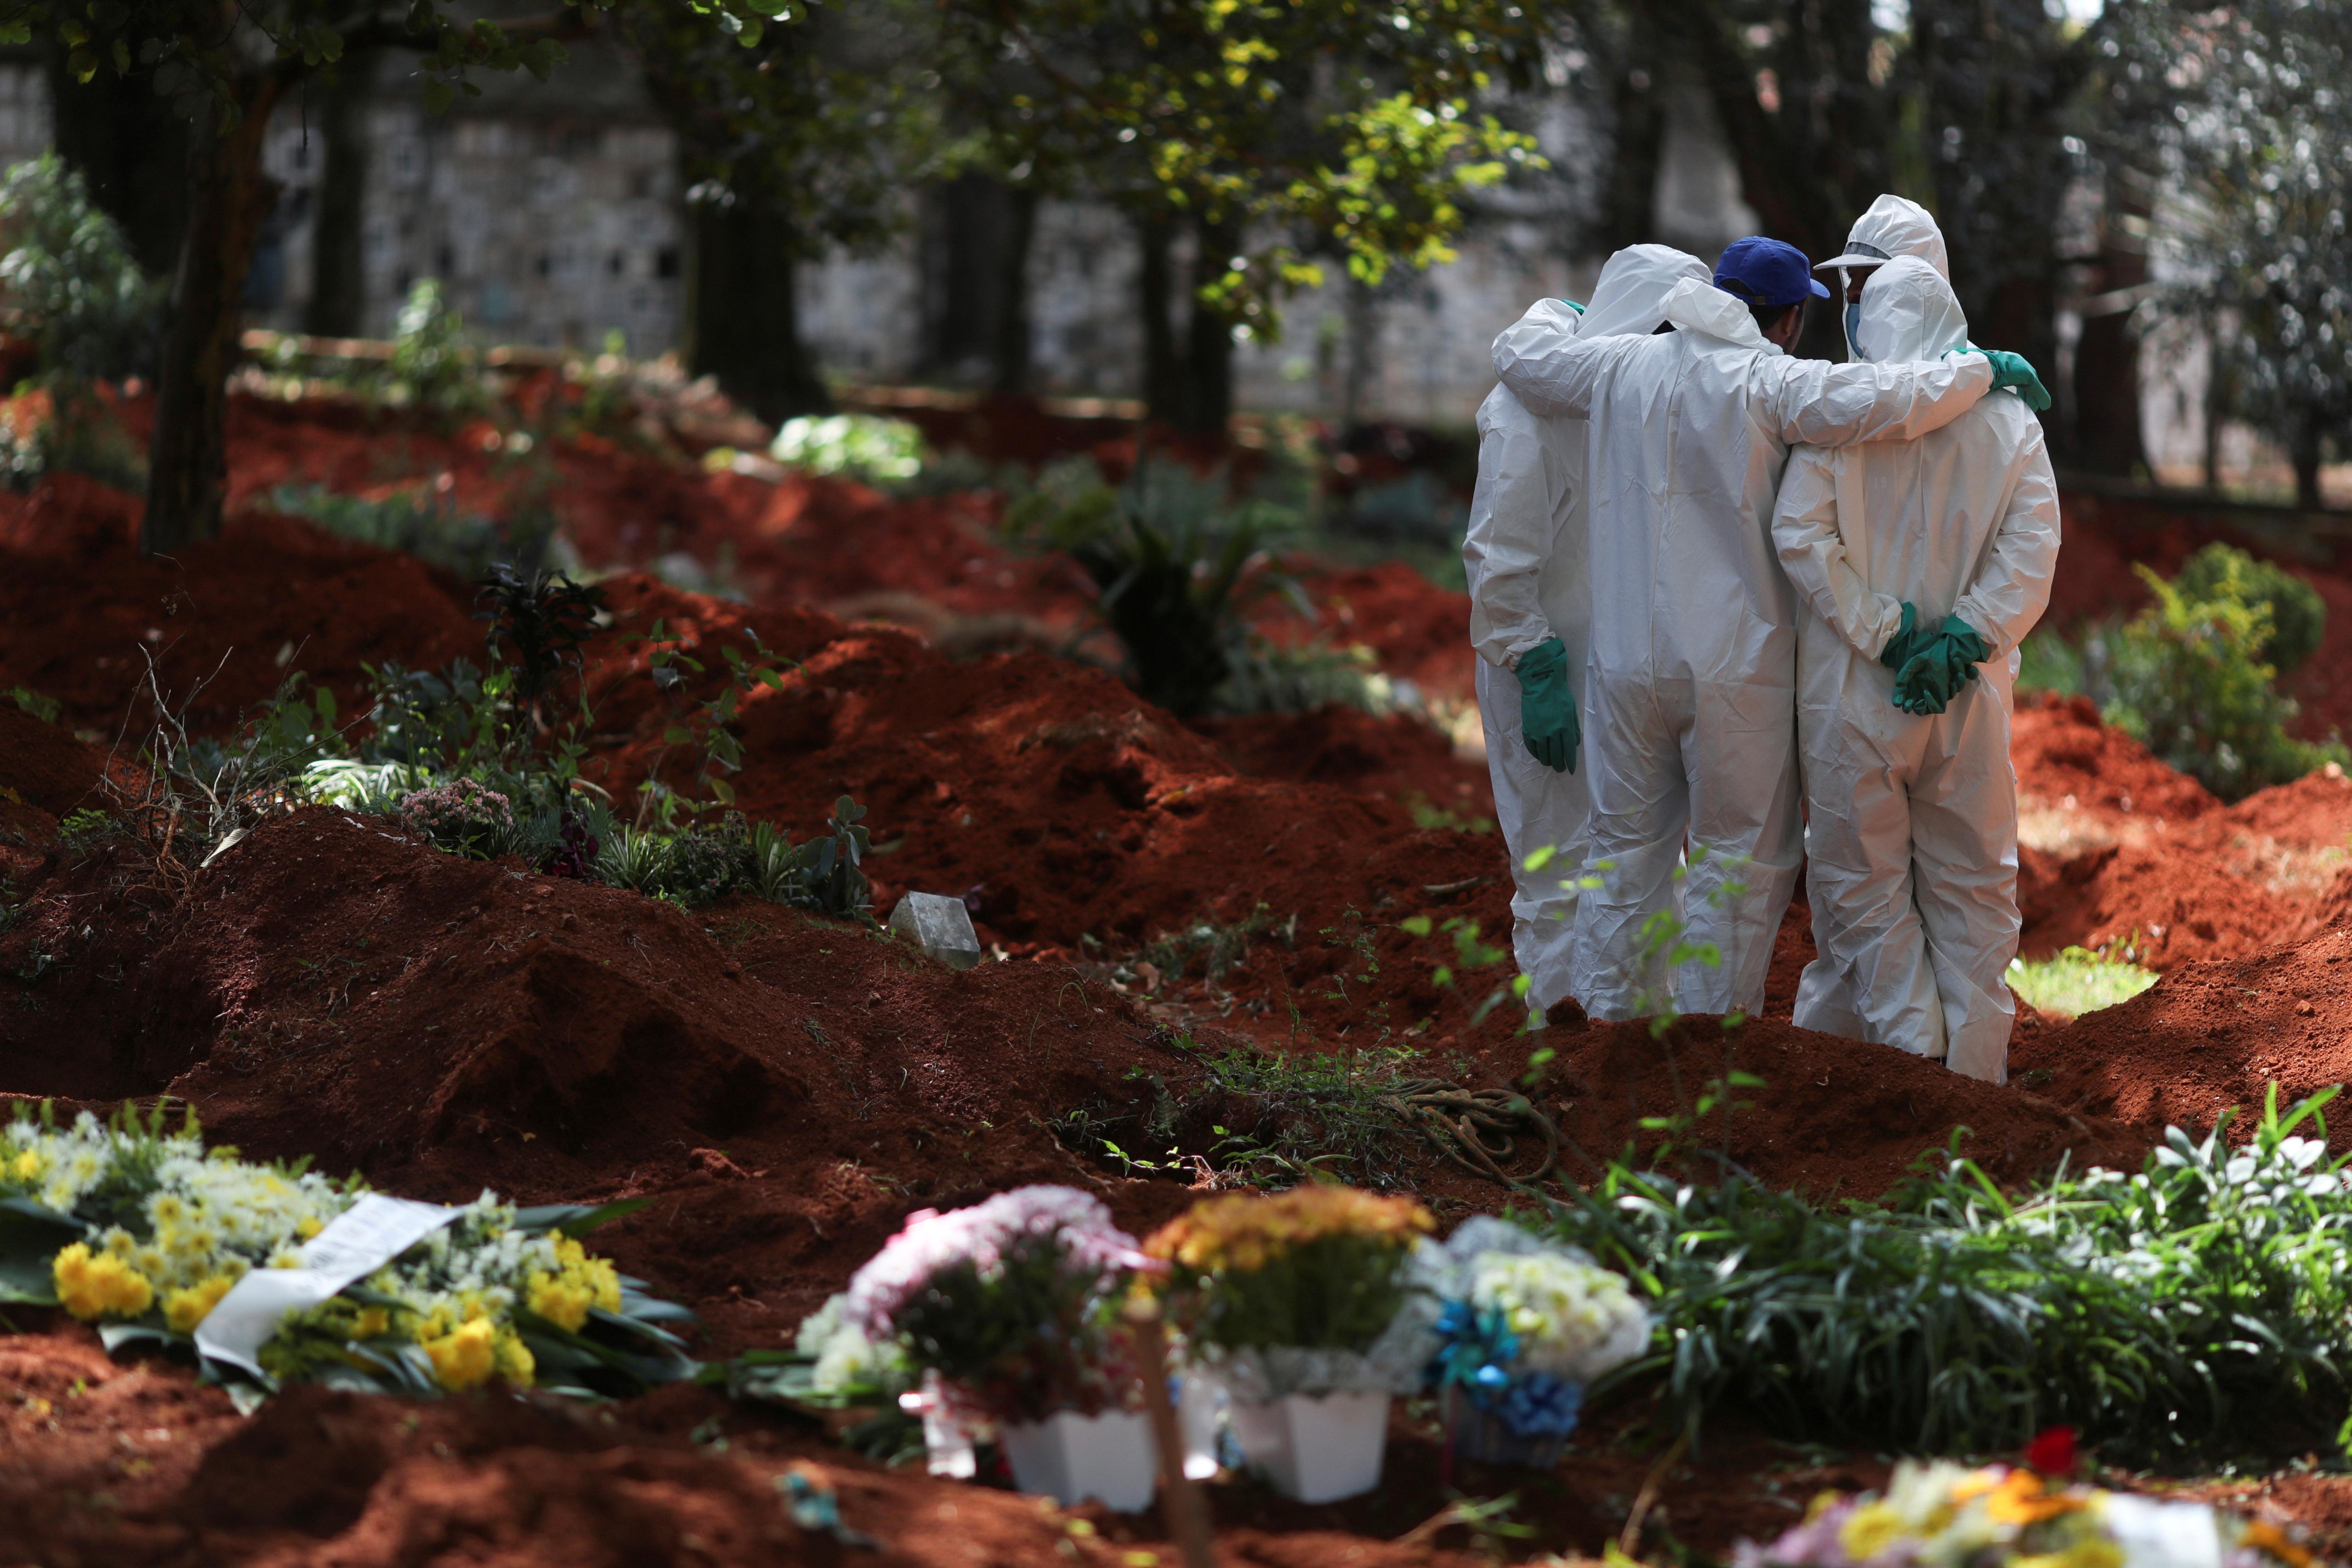 Sepultureros con trajes protectores se reúnen en el cementerio de Vila Formosa durante el brote de la enfermedad por coronavirus con trajes especiales para protegerlos del contagio (Reuters)